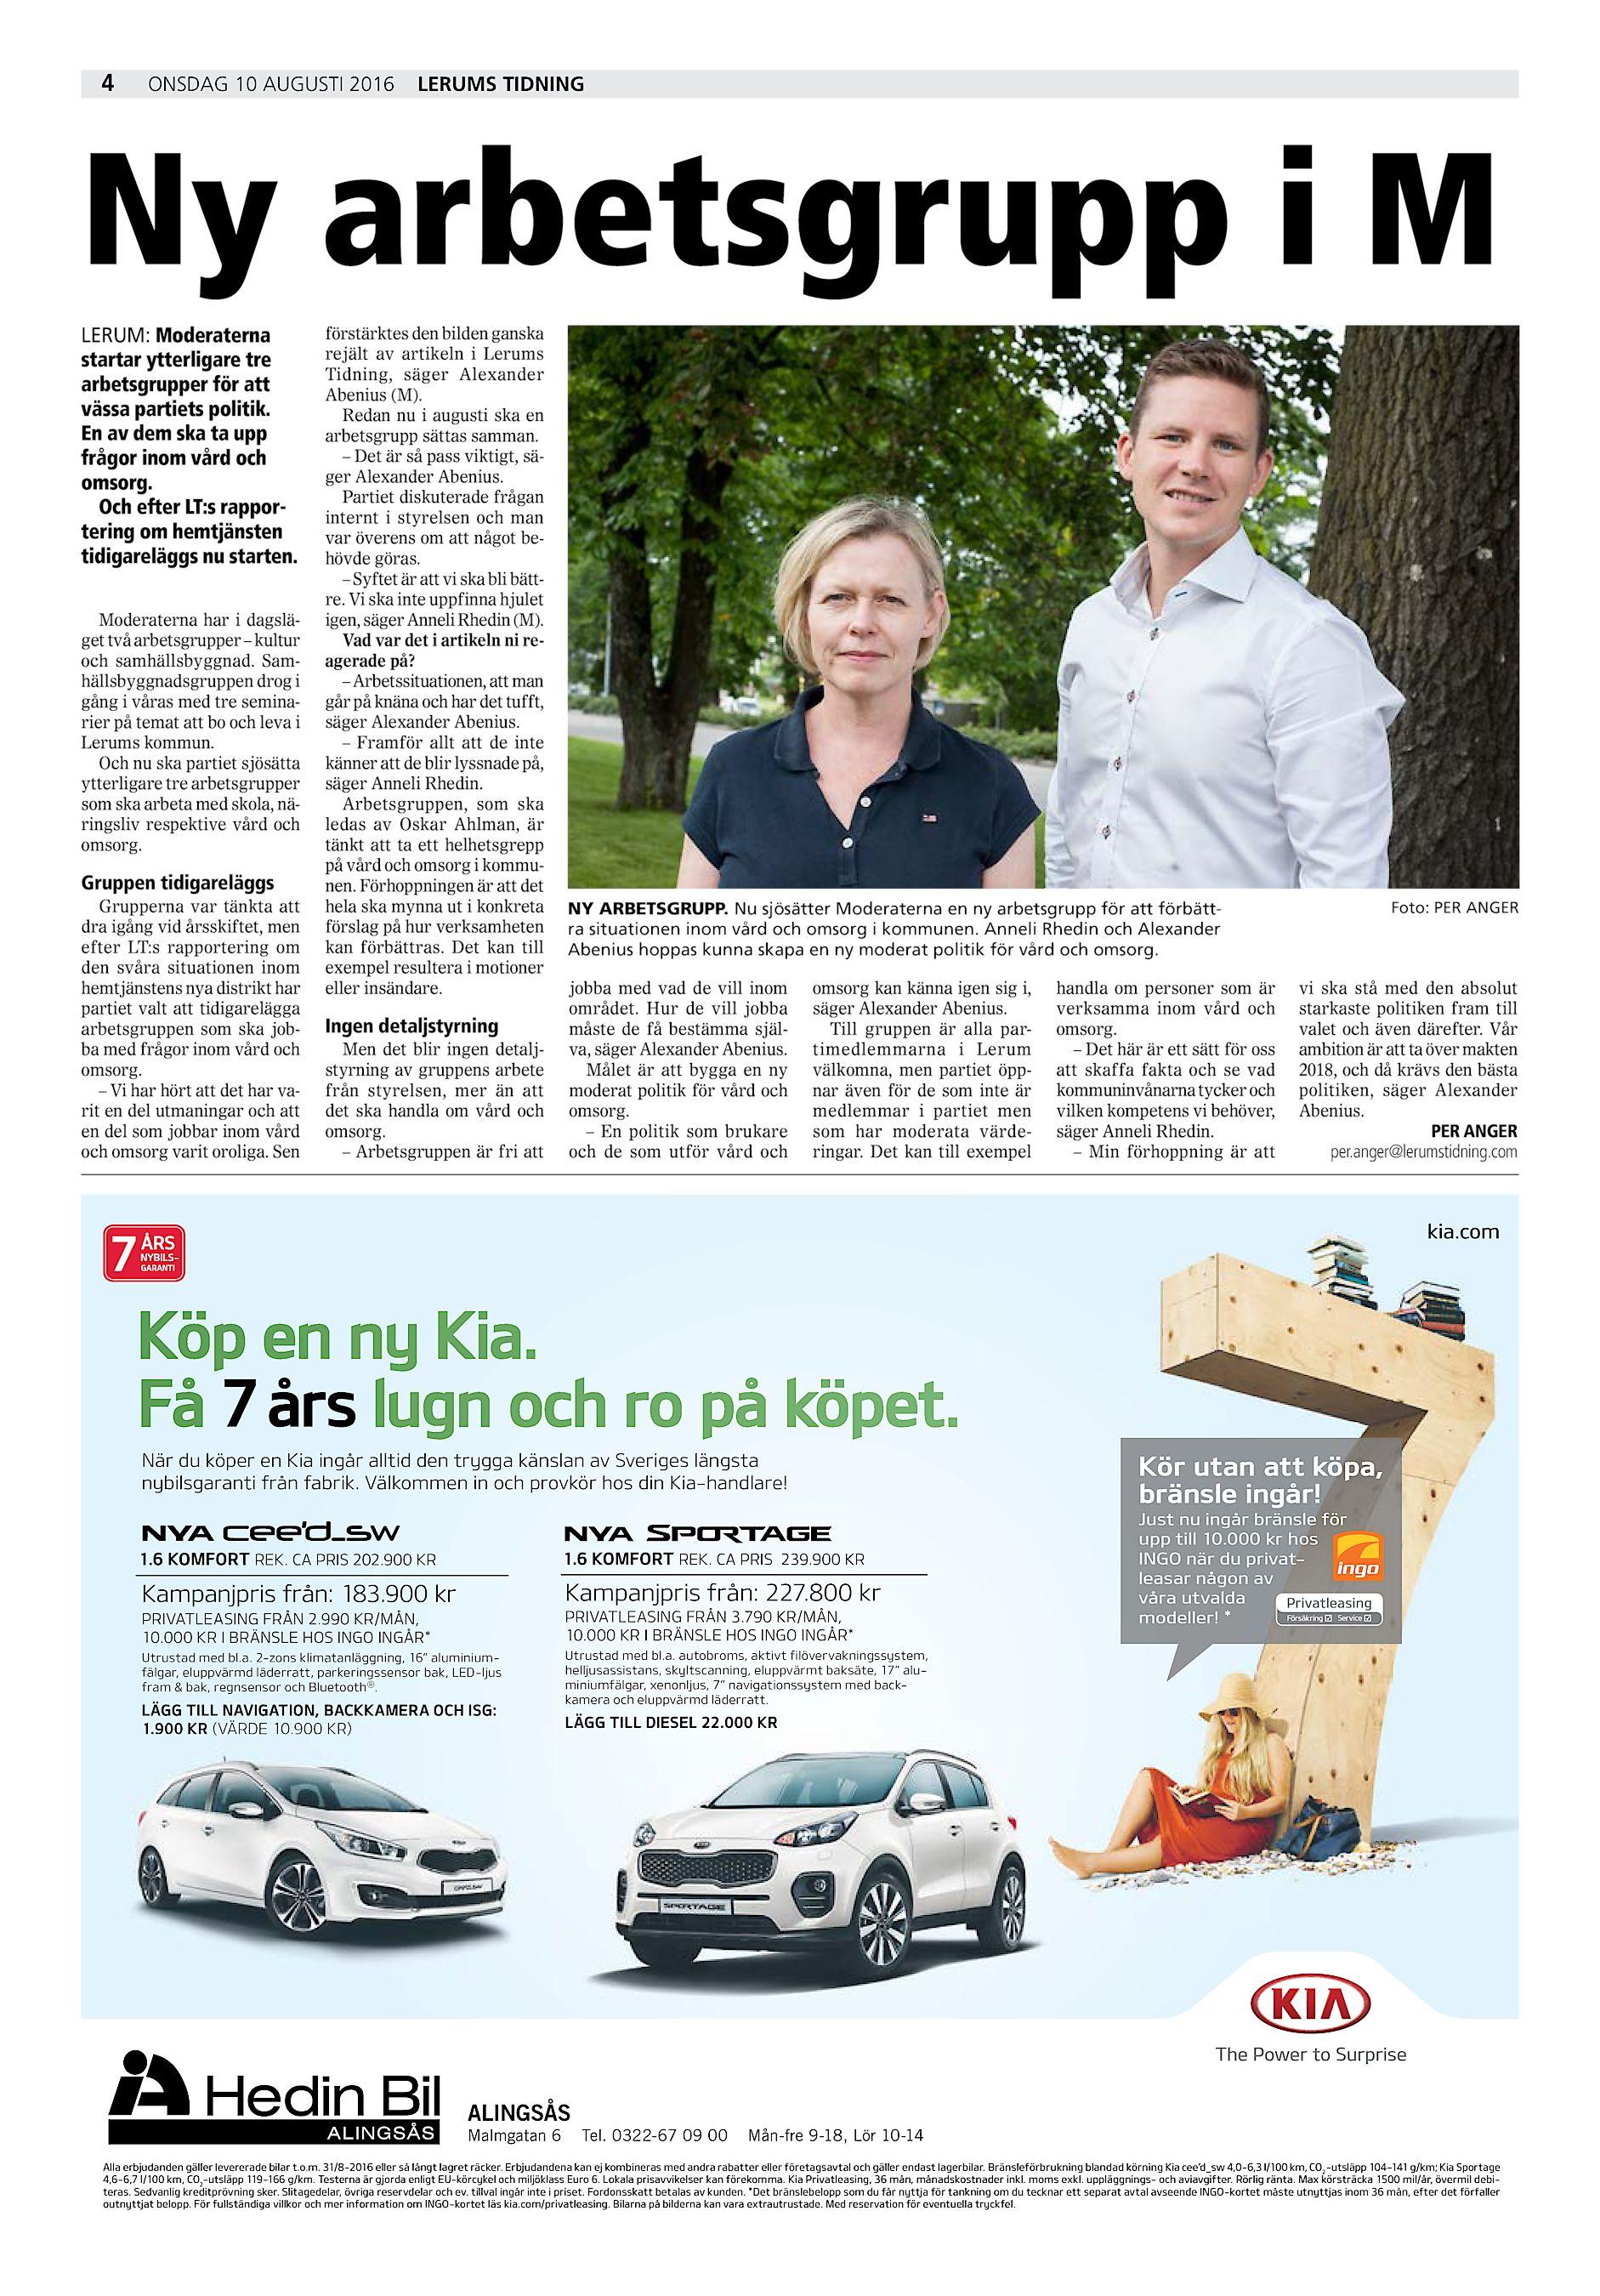 4 onsdag 10 augusti 2016 Lerums Tidning Ny arbetsgrupp i M LERUM   Moderaterna startar ytterligare tre arbetsgrupper för att vässa partiets  politik. 729878572941c